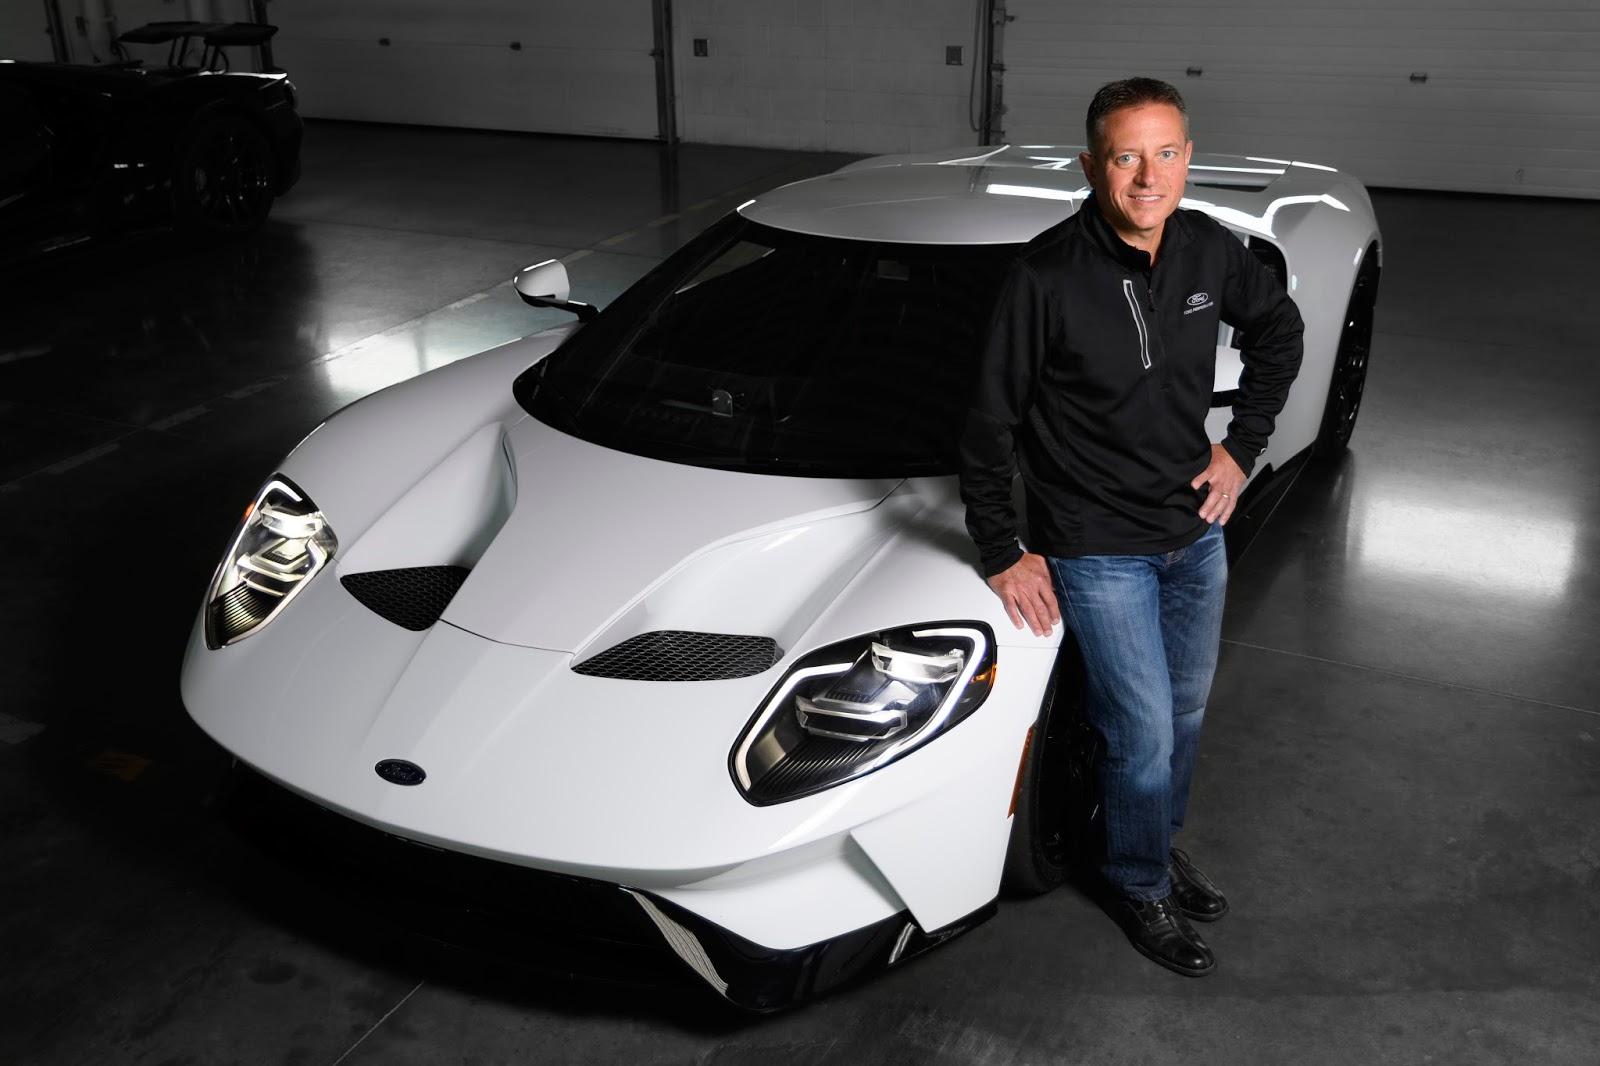 All NewFordGT Innovations 01 Ford GT : Το αυτοκίνητο του αύριο... σήμερα Ford, Ford GT, Ford GT 40, Future, supercars, τεχνικά, Τεχνολογία